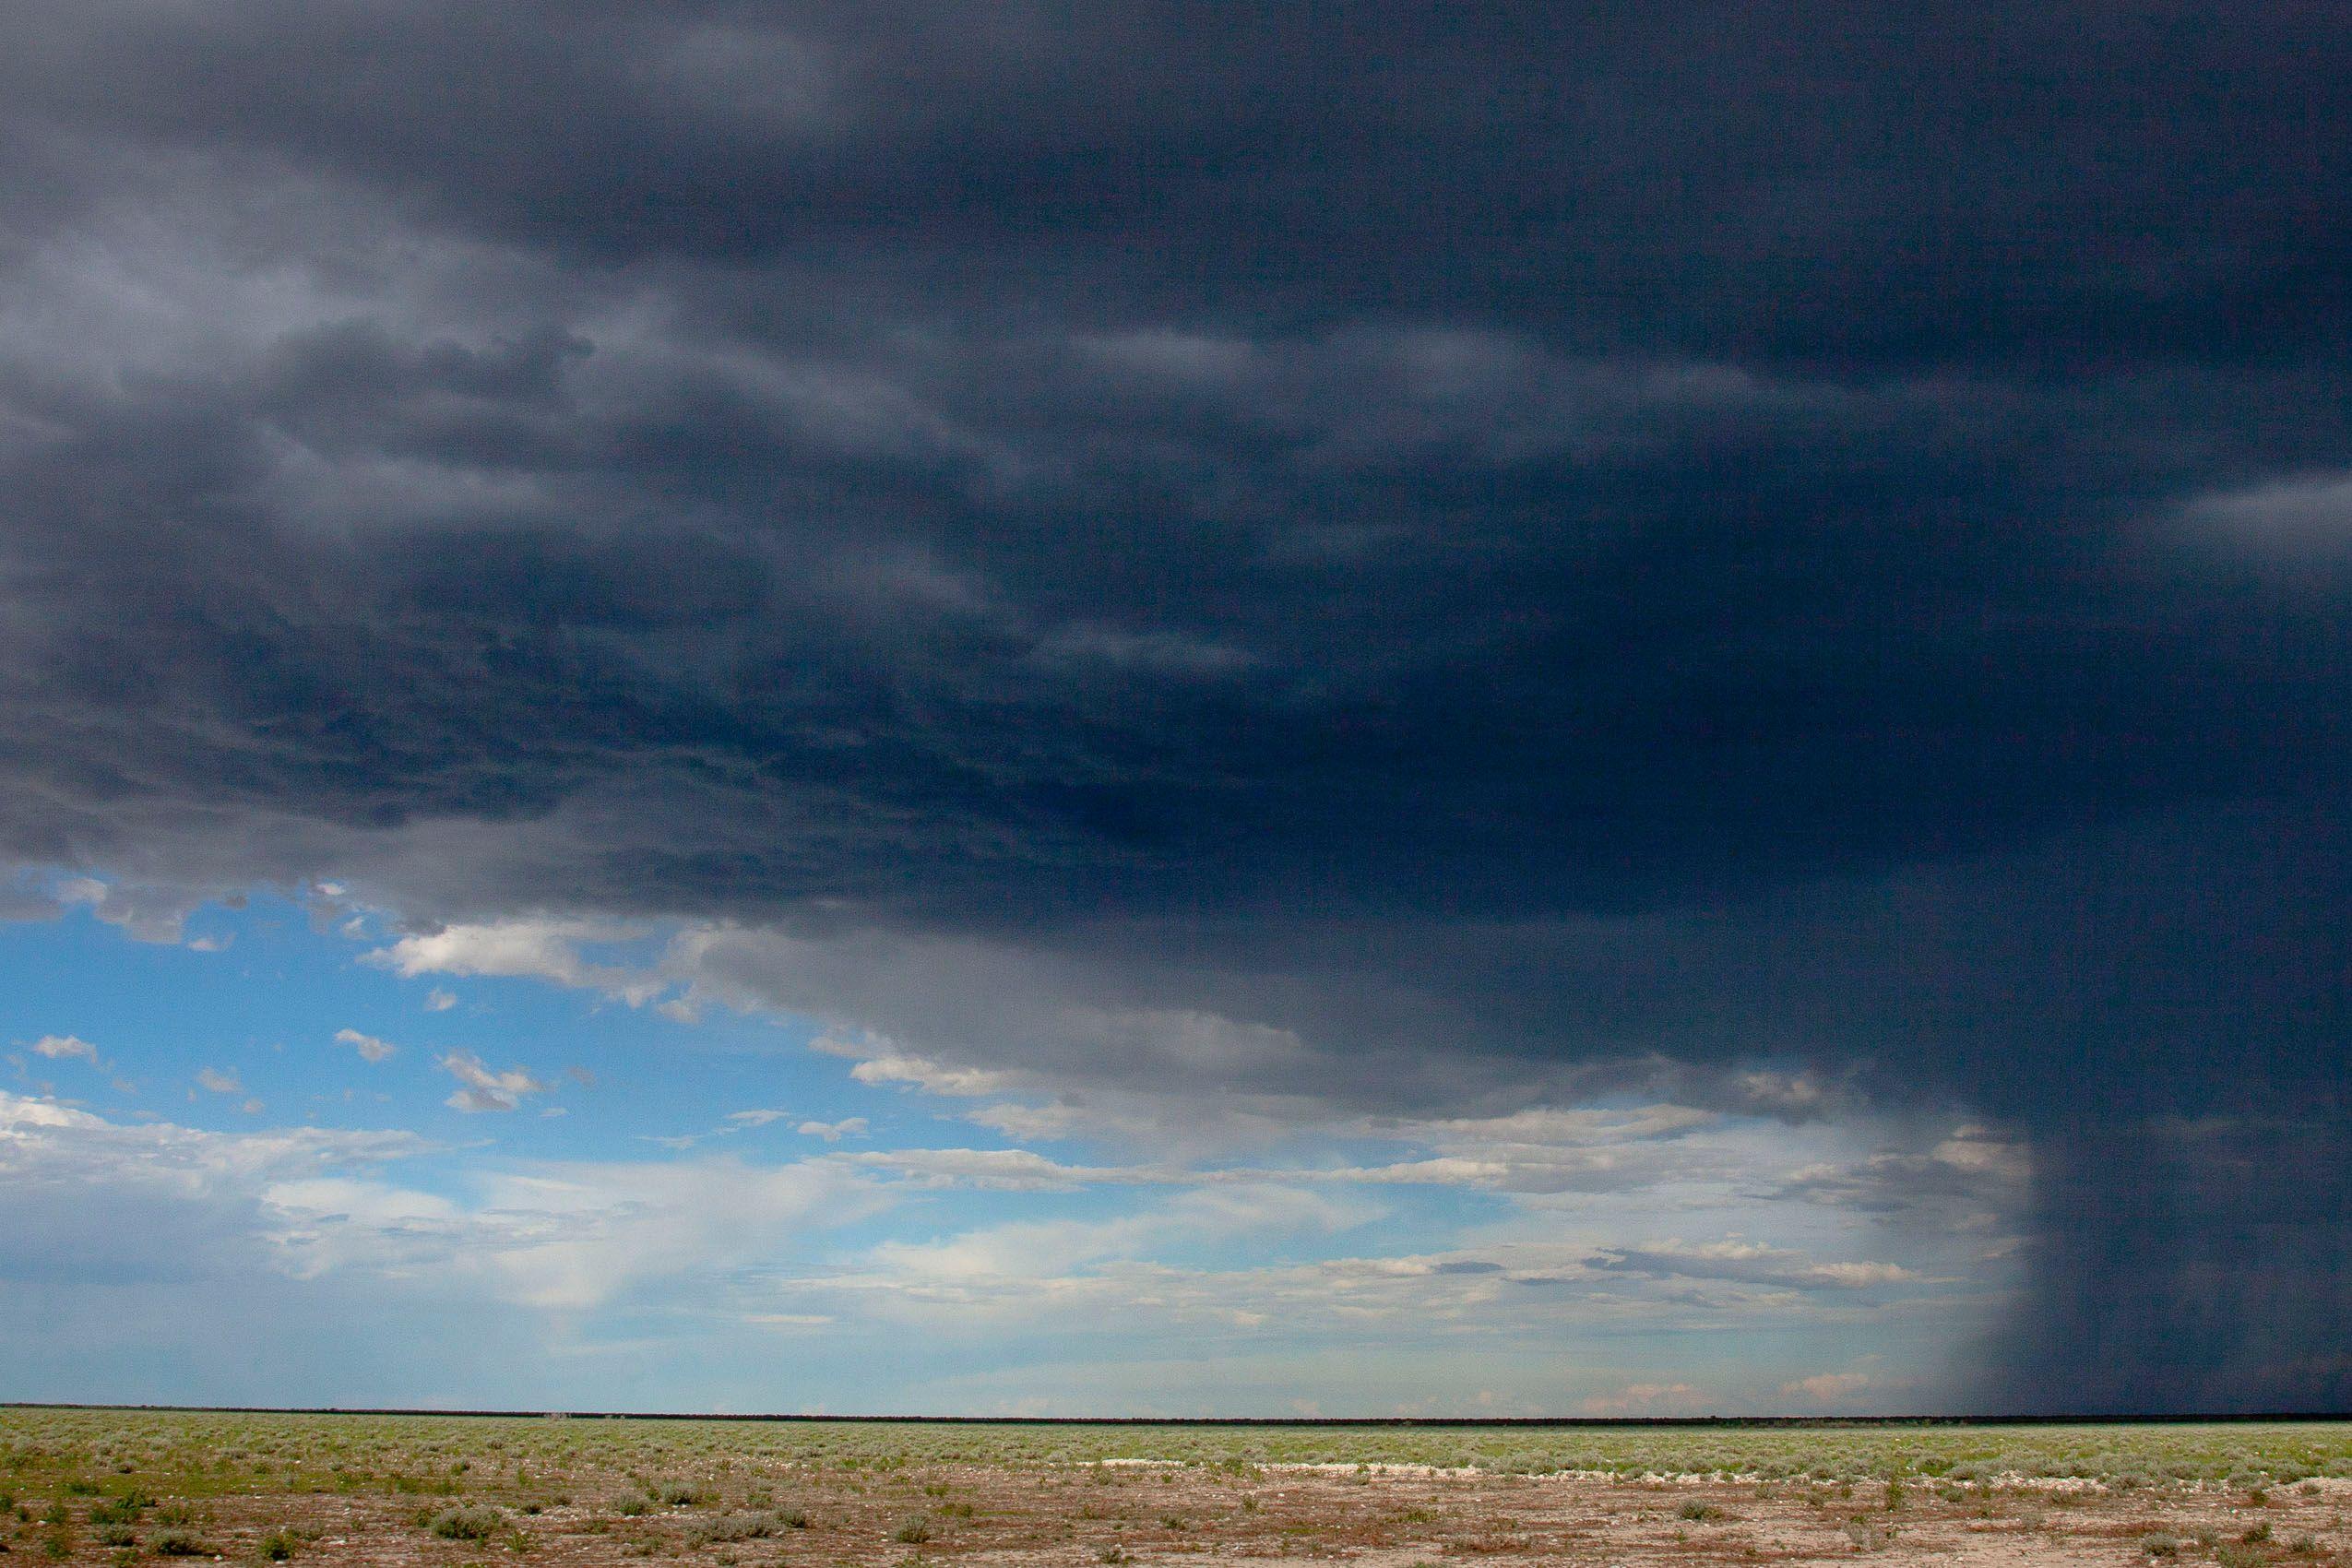 namibia_etosha_storm_landscape.jpg